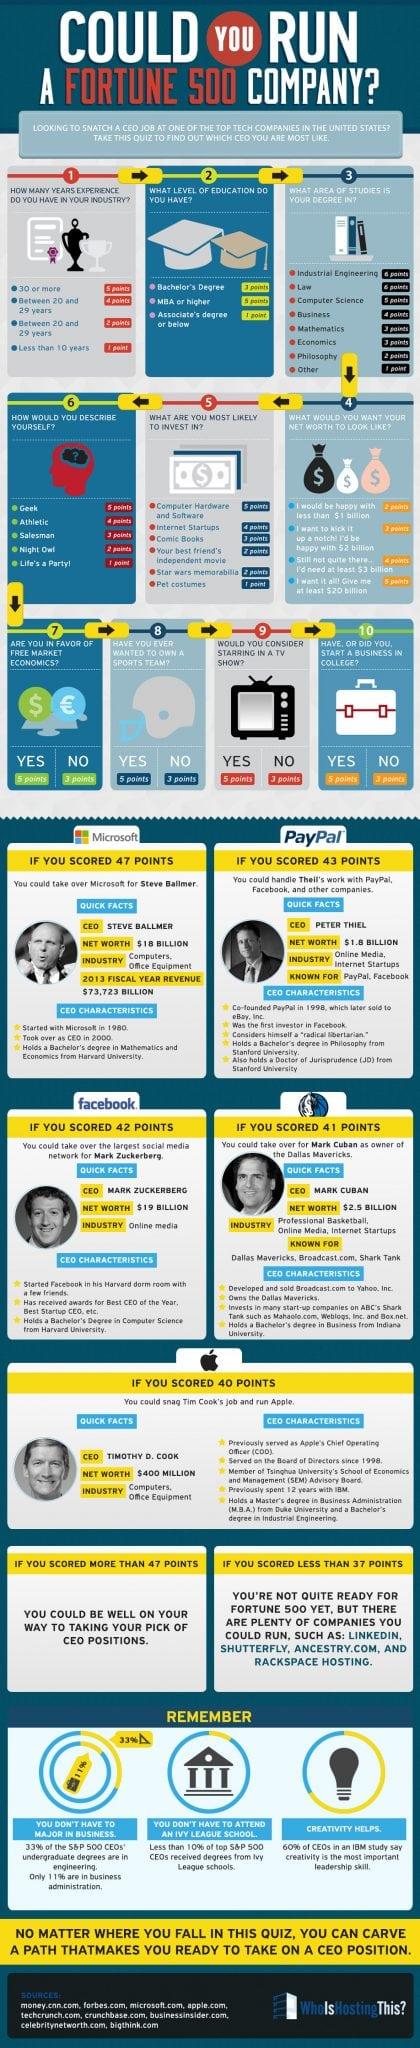 Infographic Courtesy of WhoIsHostingThis?